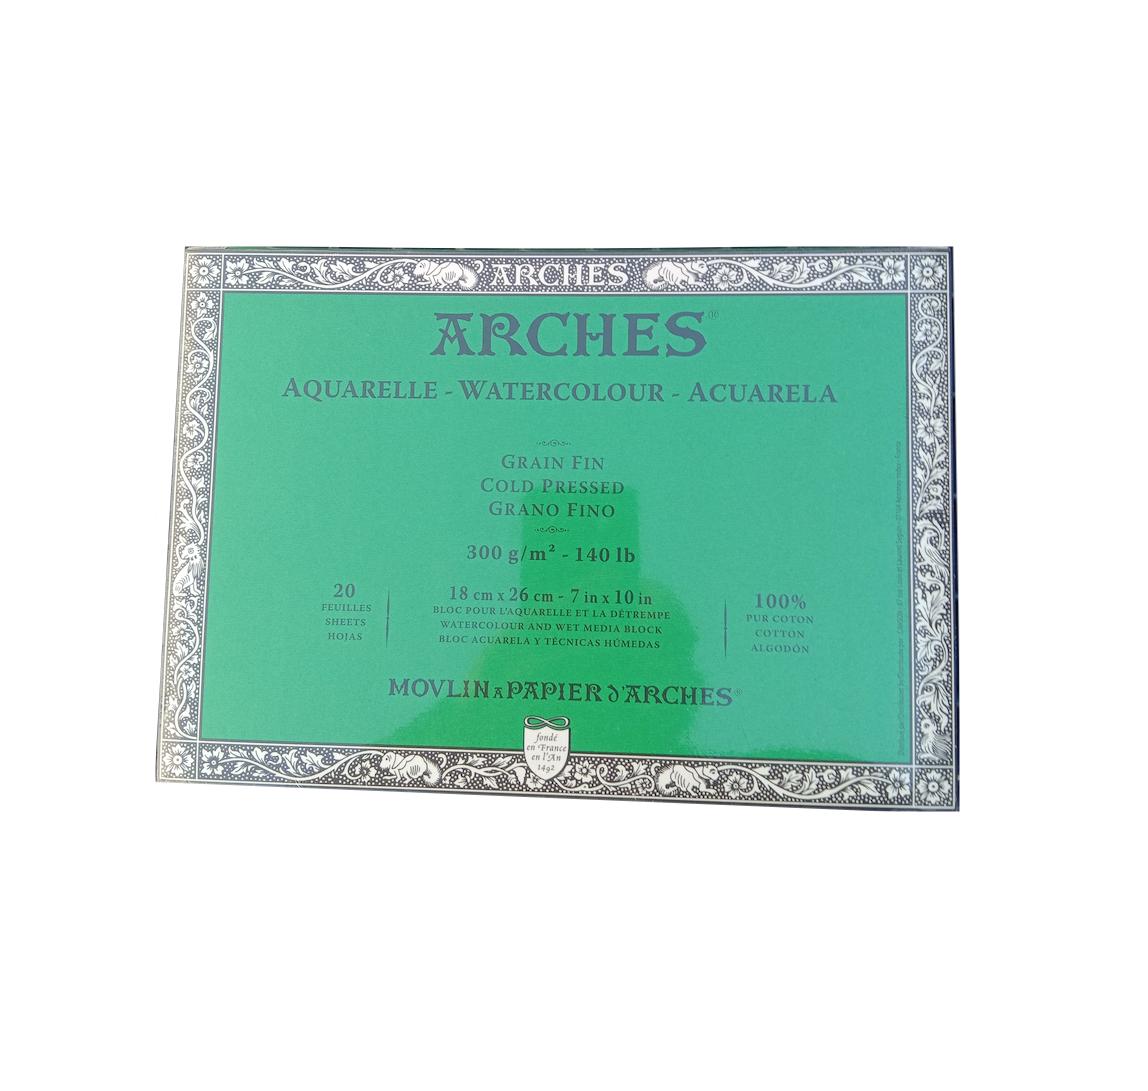 CANSON ARCHES PAPIER AQUARELLE GRAIN FIN 18 X 26 CM PEINTURE CRAYON COULEUR ART ARTISTE DESSIN DRAW 3011480511211 COMASOUND KARTEL CSK ONLINE